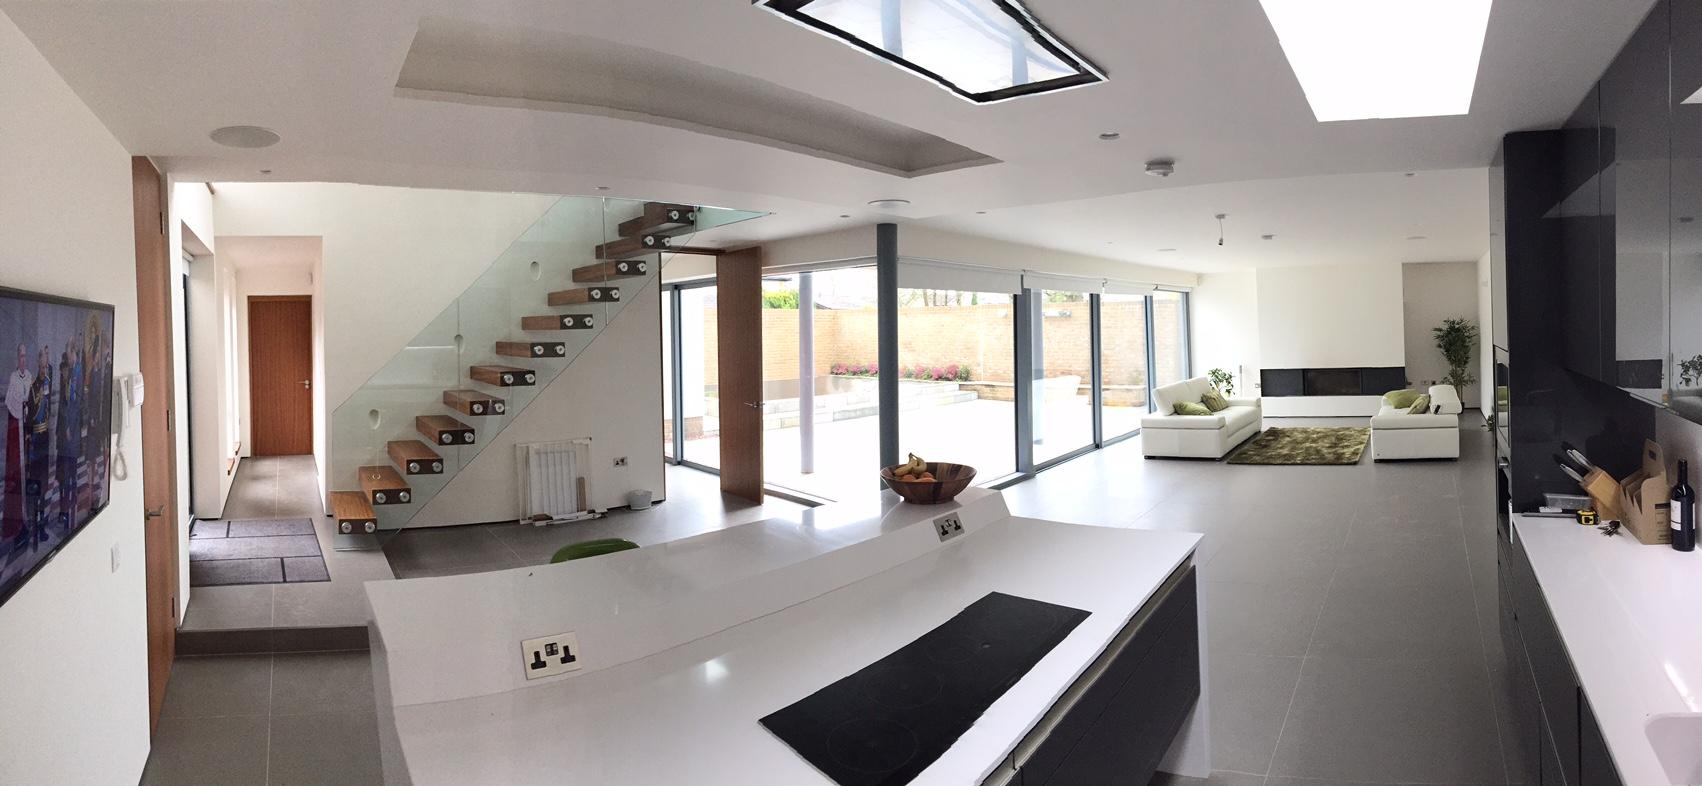 Glasshouse image 1